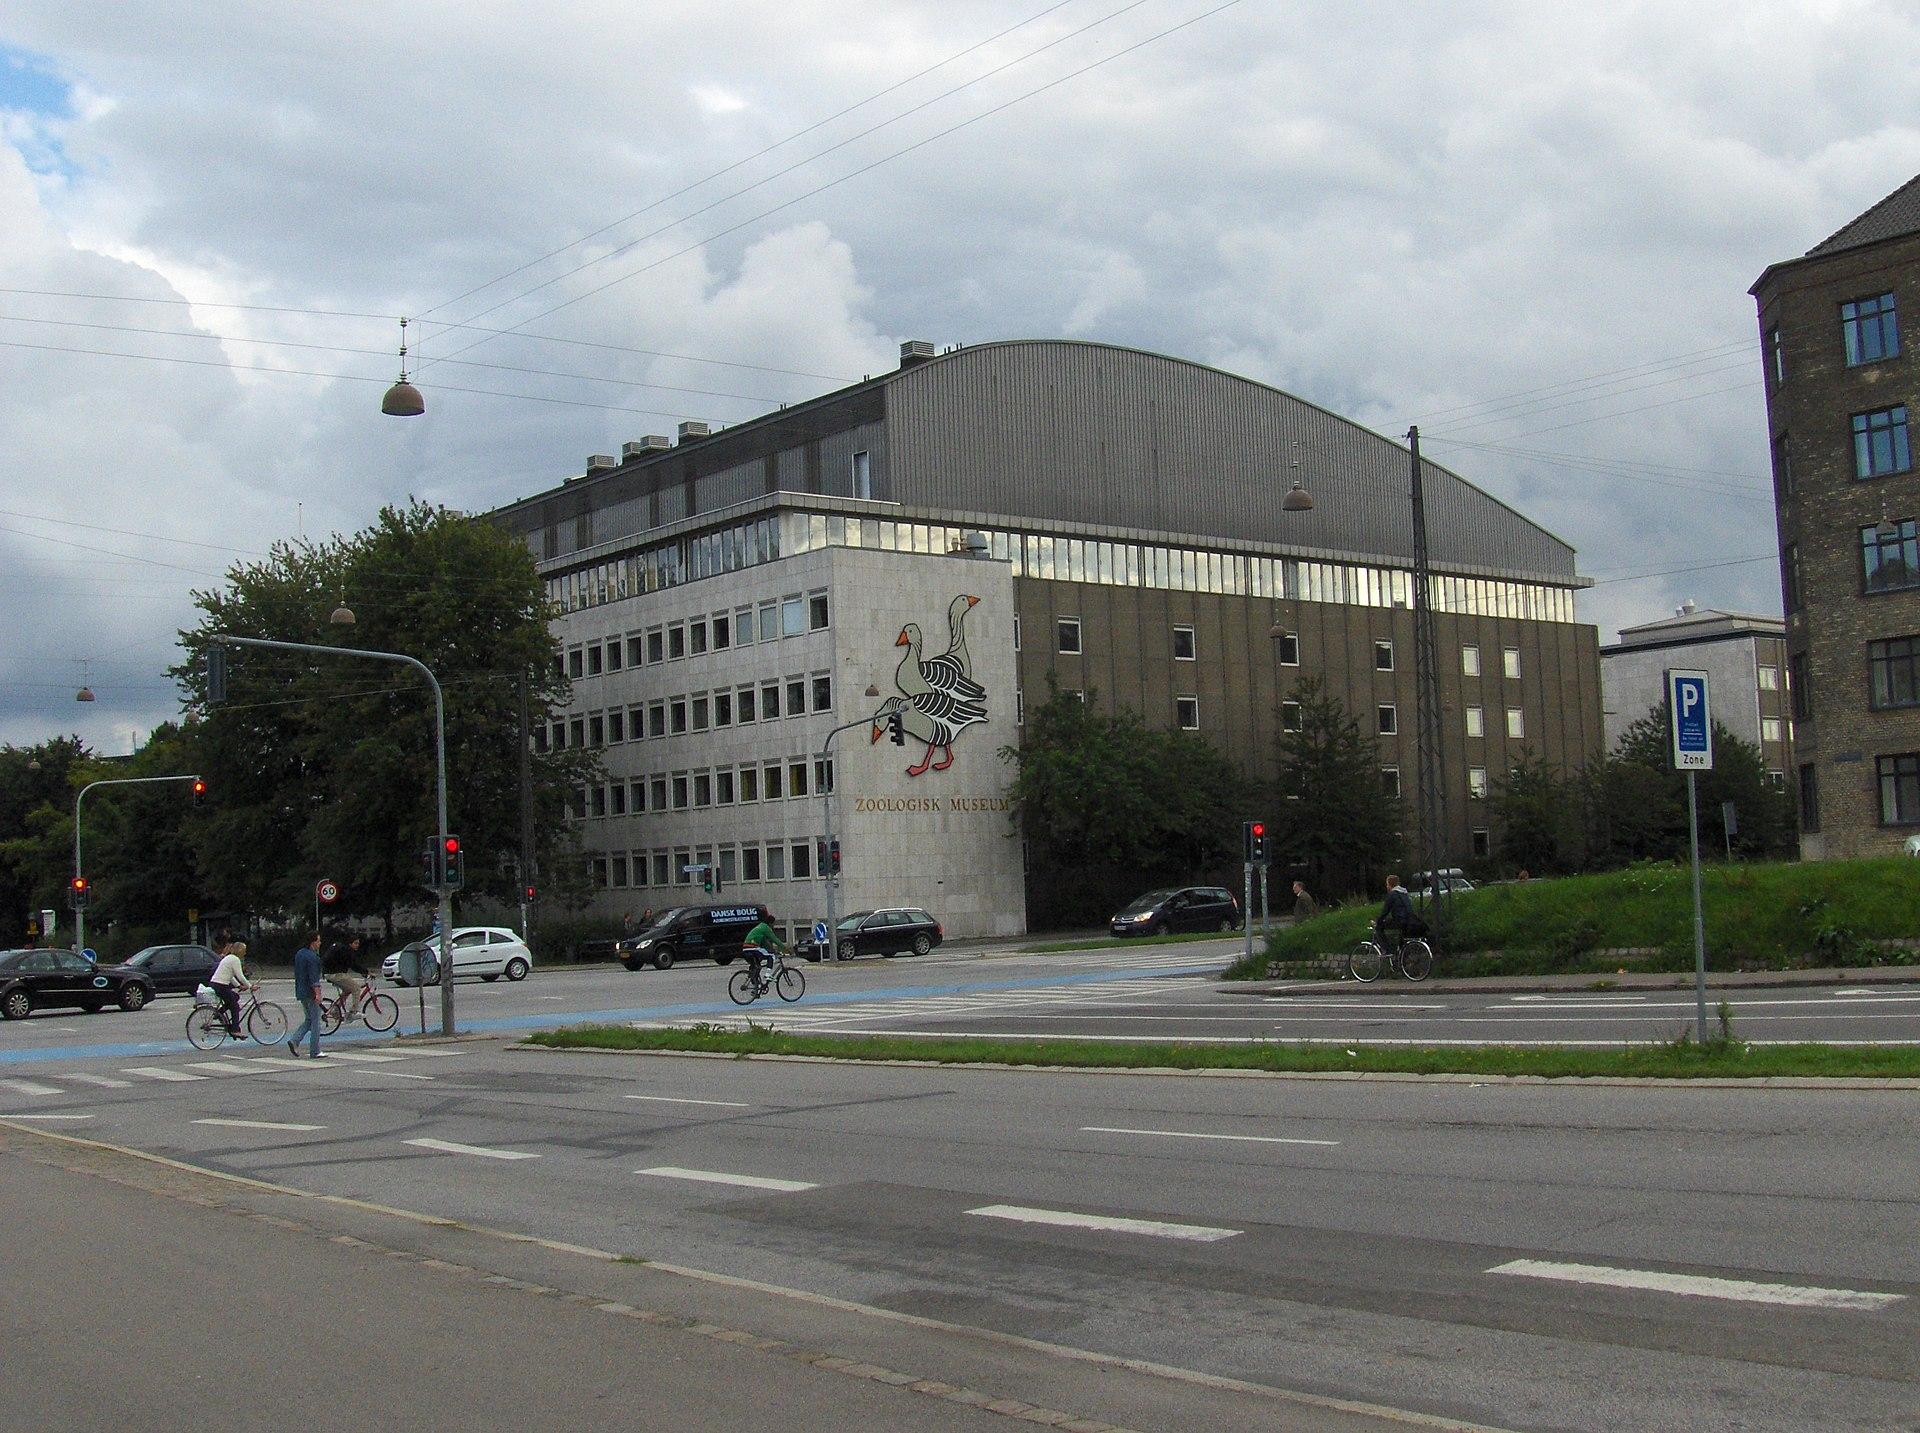 gratis museum i København dyspareuni